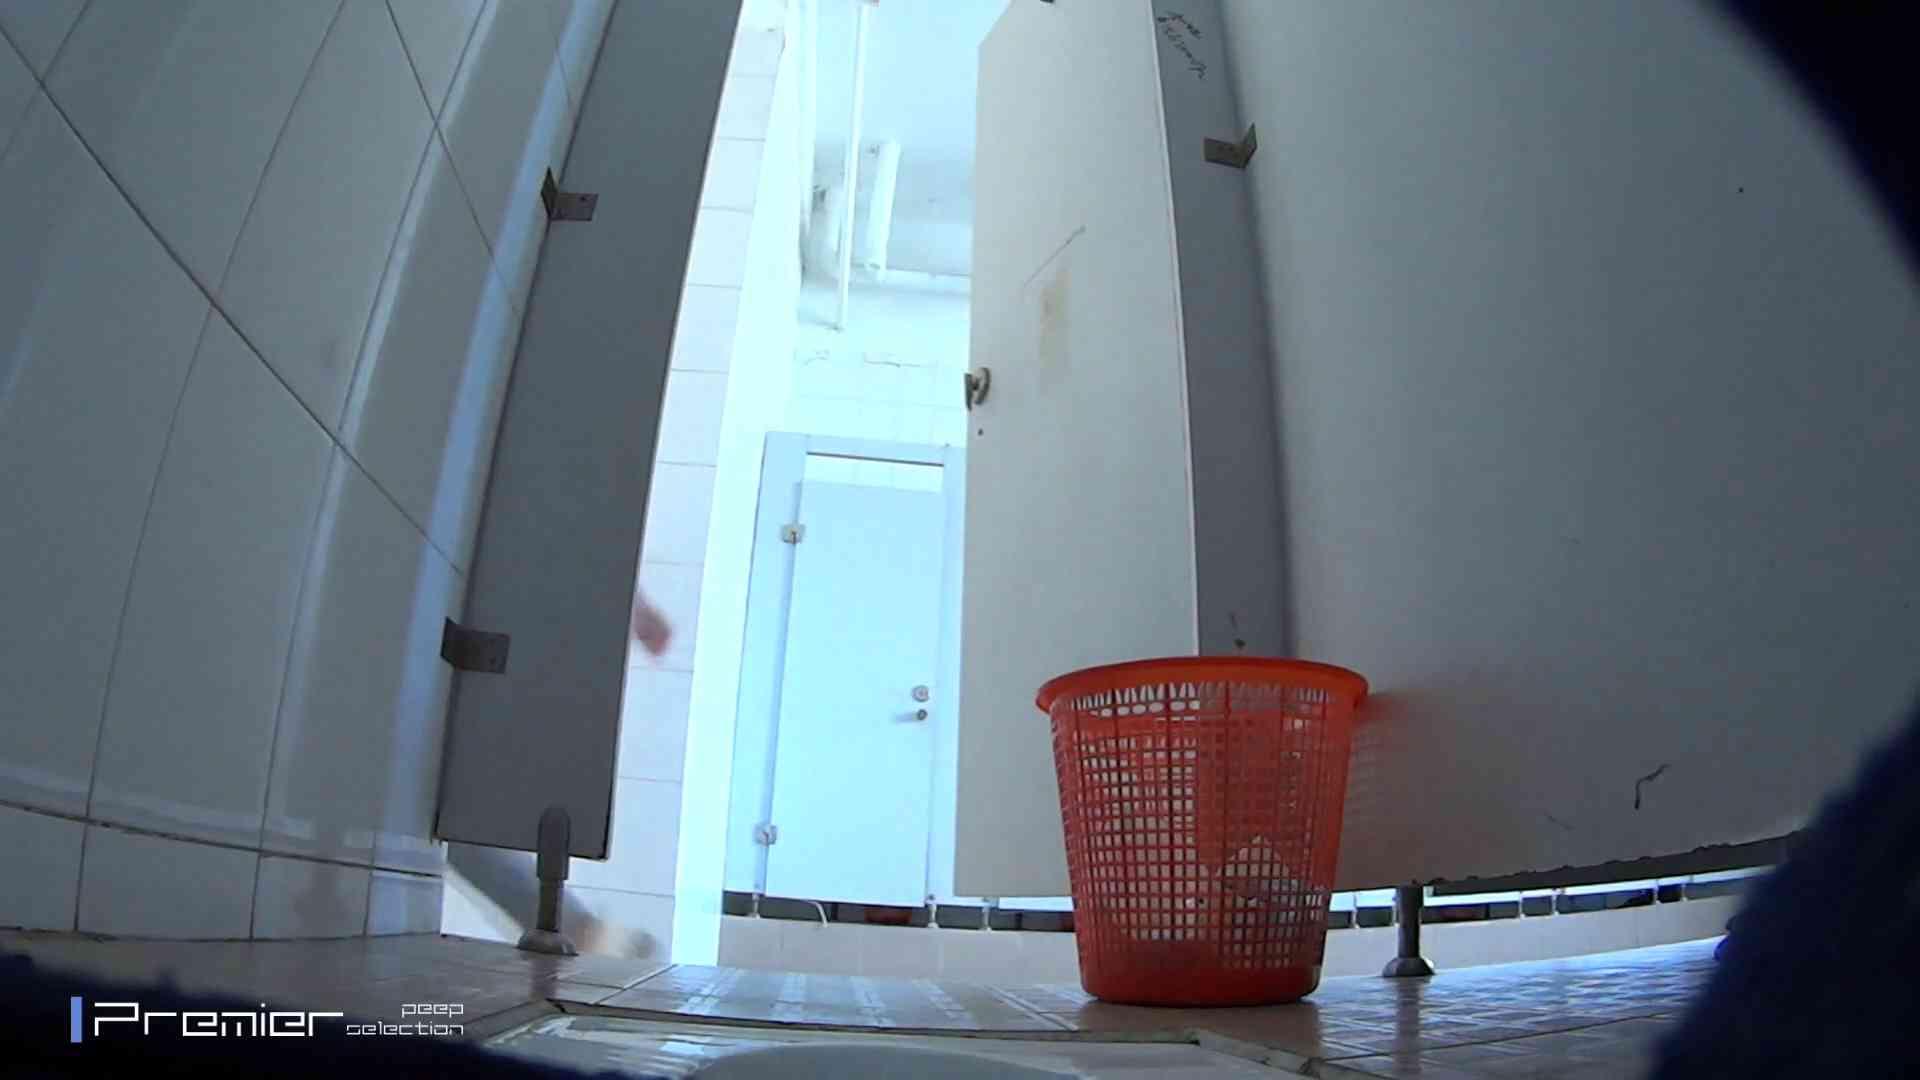 アジアンビューティー達の聖水 大学休憩時間の洗面所事情24 盗撮・必見 オメコ動画キャプチャ 109画像 38